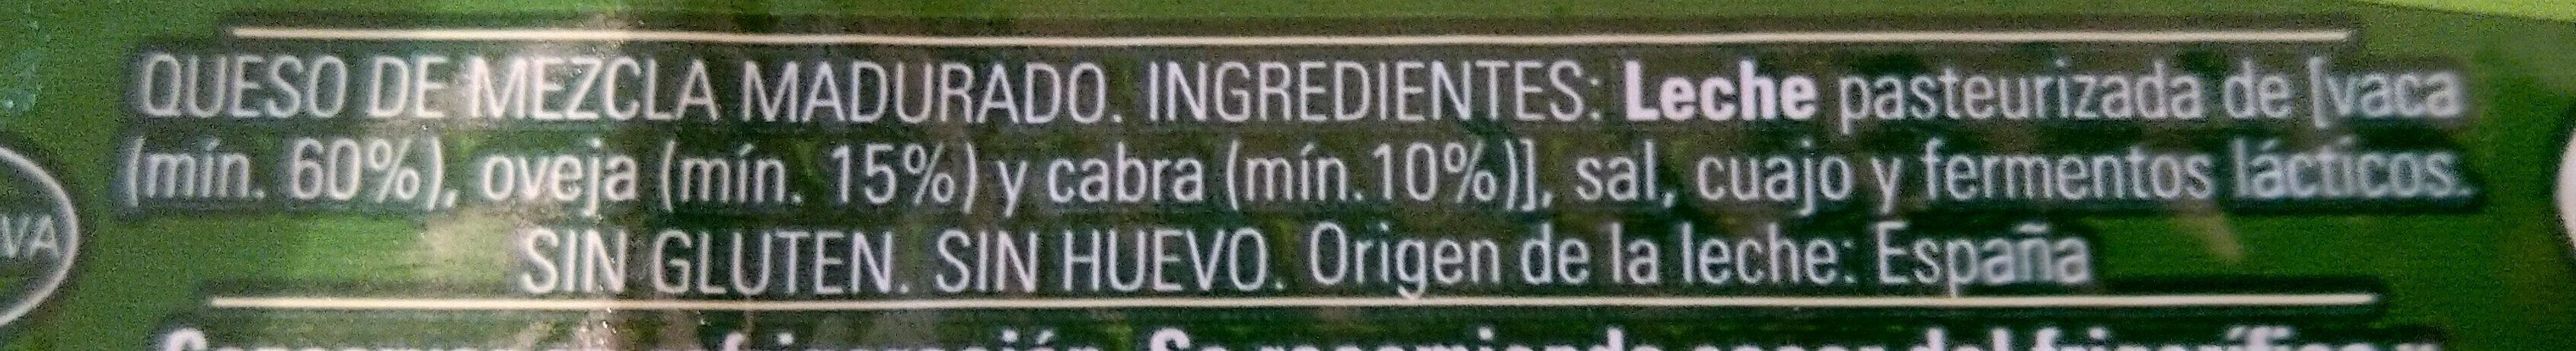 Queso tierno - Ingredients - es